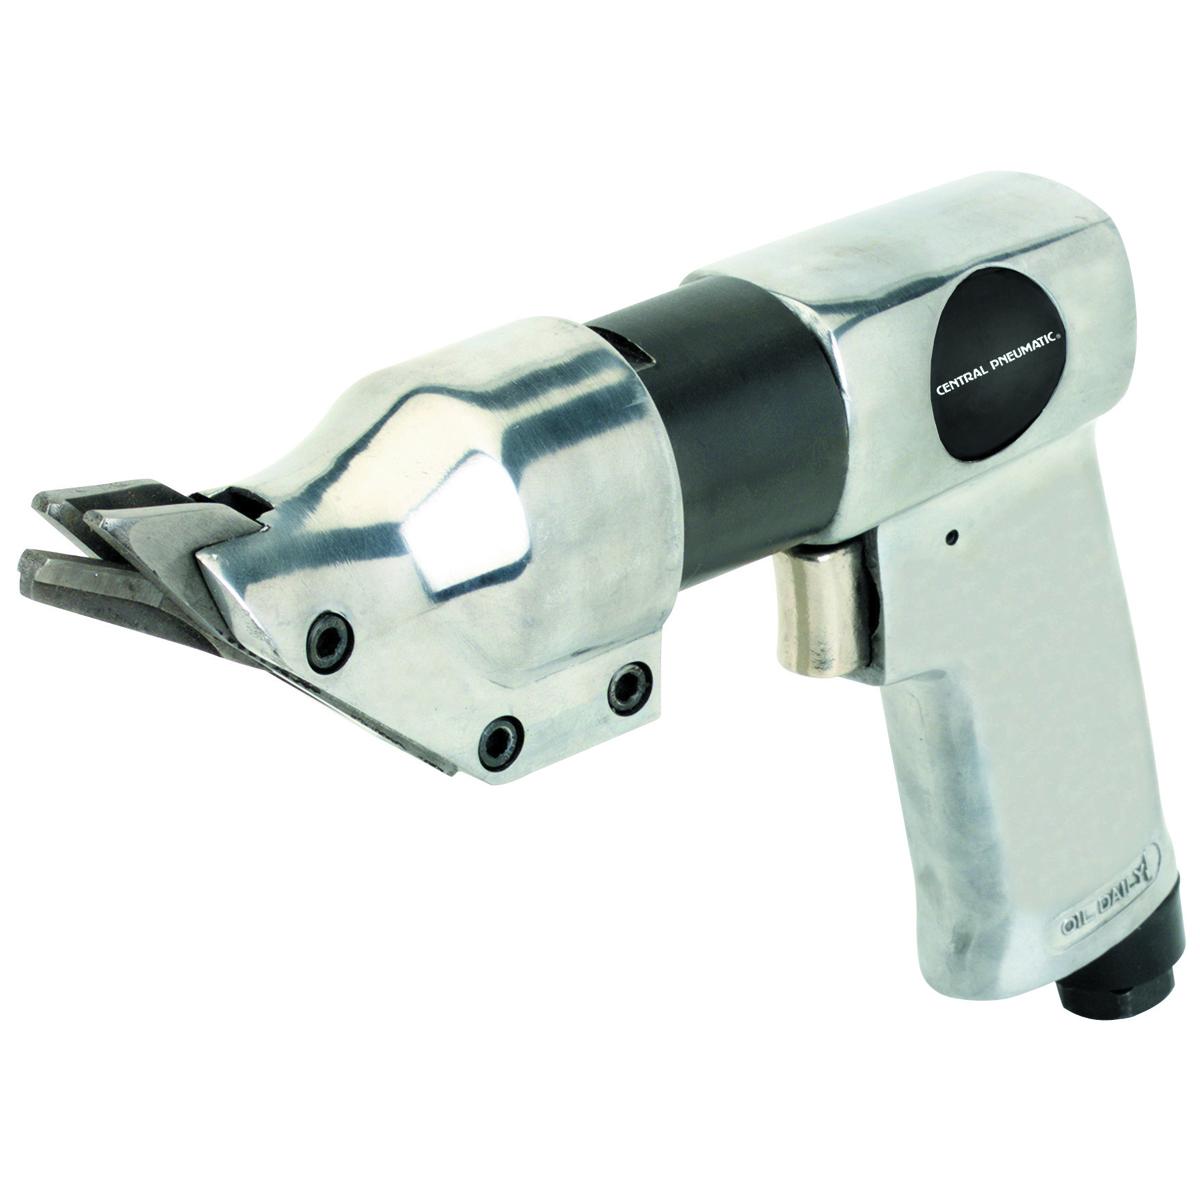 Pistol Grip Air Shears